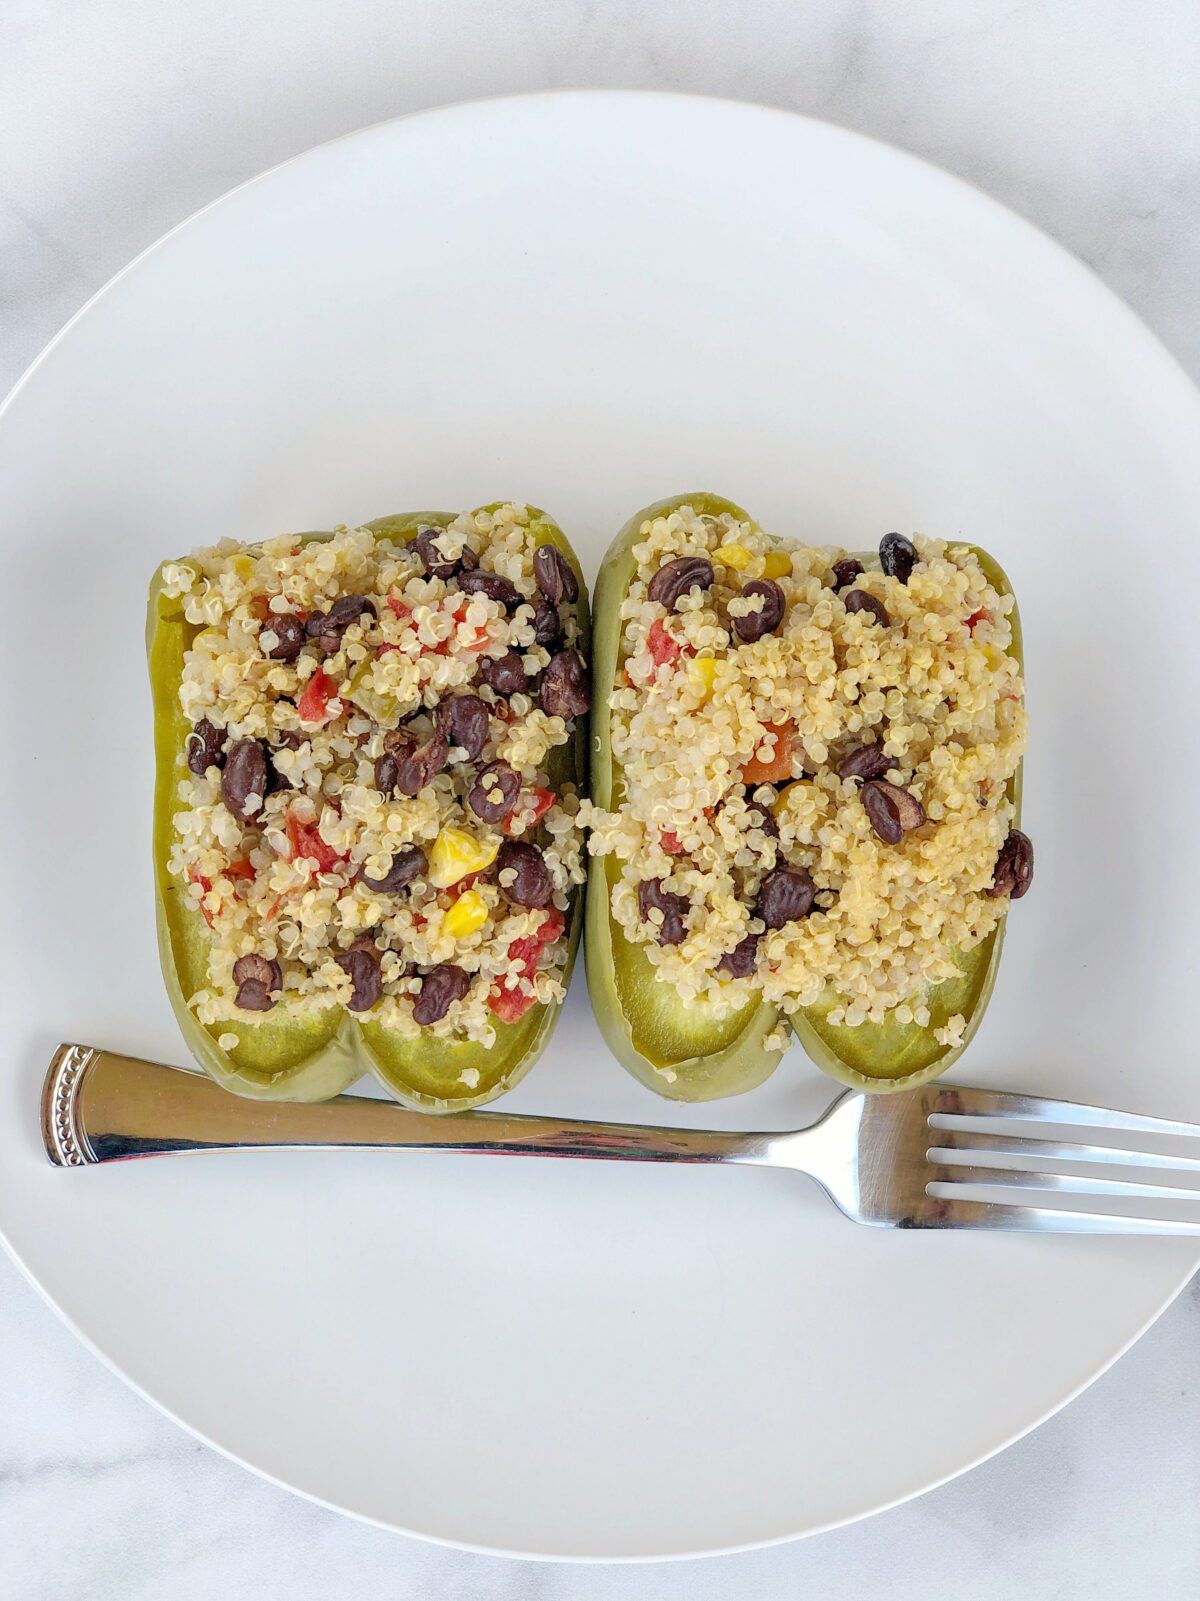 Easy Vegan Quinoa Stuffed Peppers Recipe